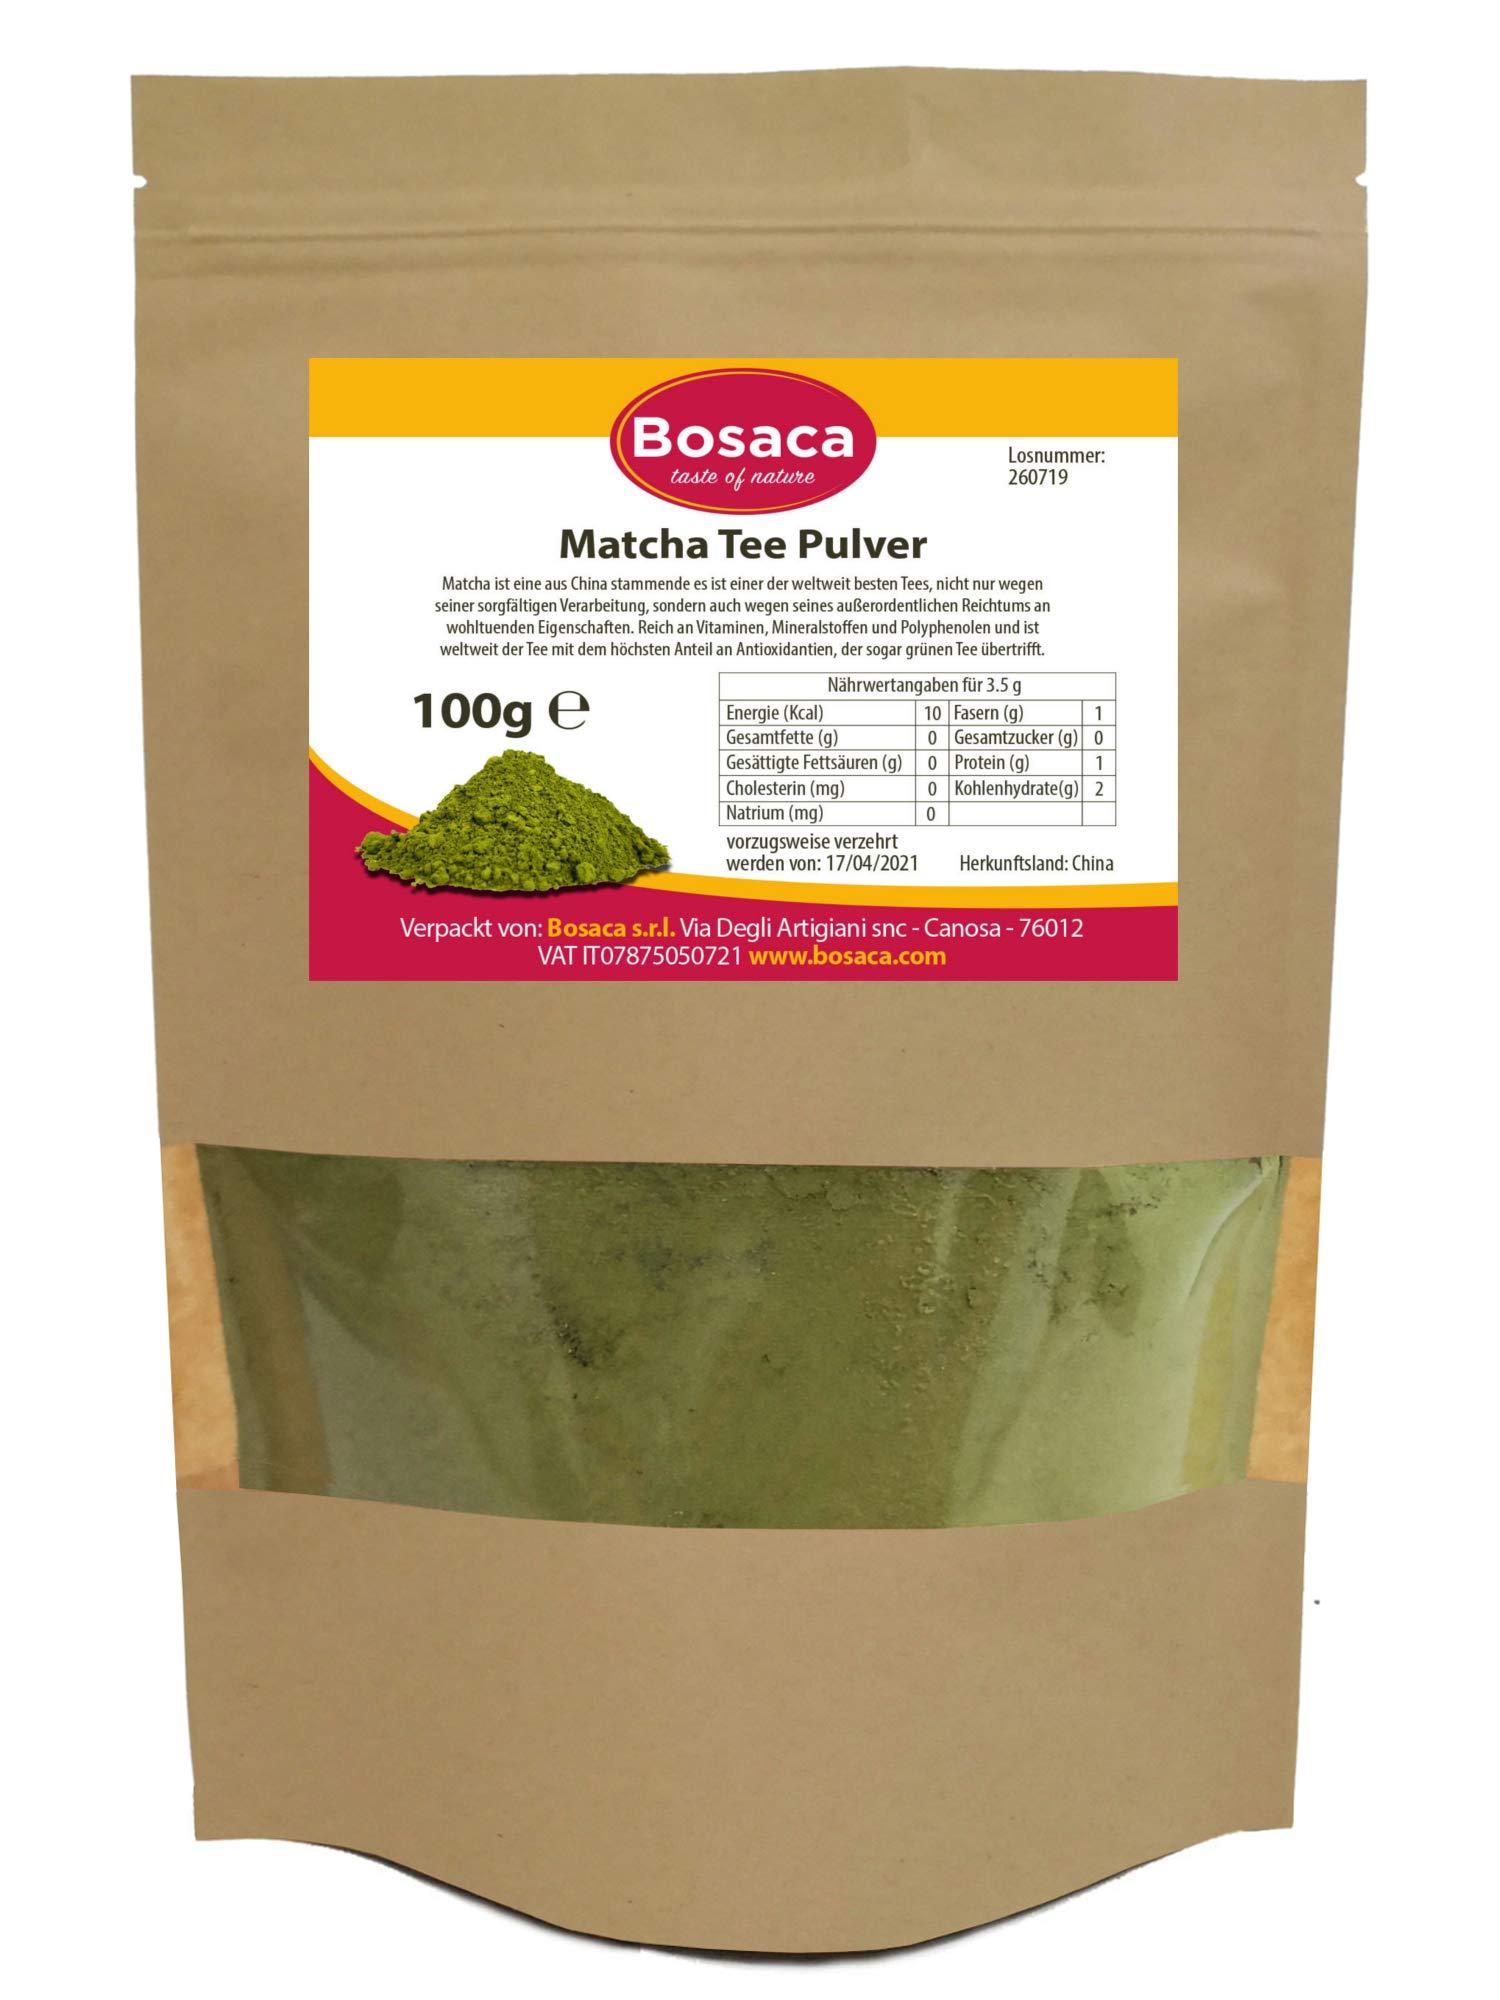 Matcha-Tee-Pulver-Japanischer-Matcha-ideal-zum-Trinken-Grntee-Pulver-fr-Latte-Smoothies-im-Zippbeutel-100-Natrlich-Premium-Qualitt-100-g-Zufrieden-oder-Rckerstattung